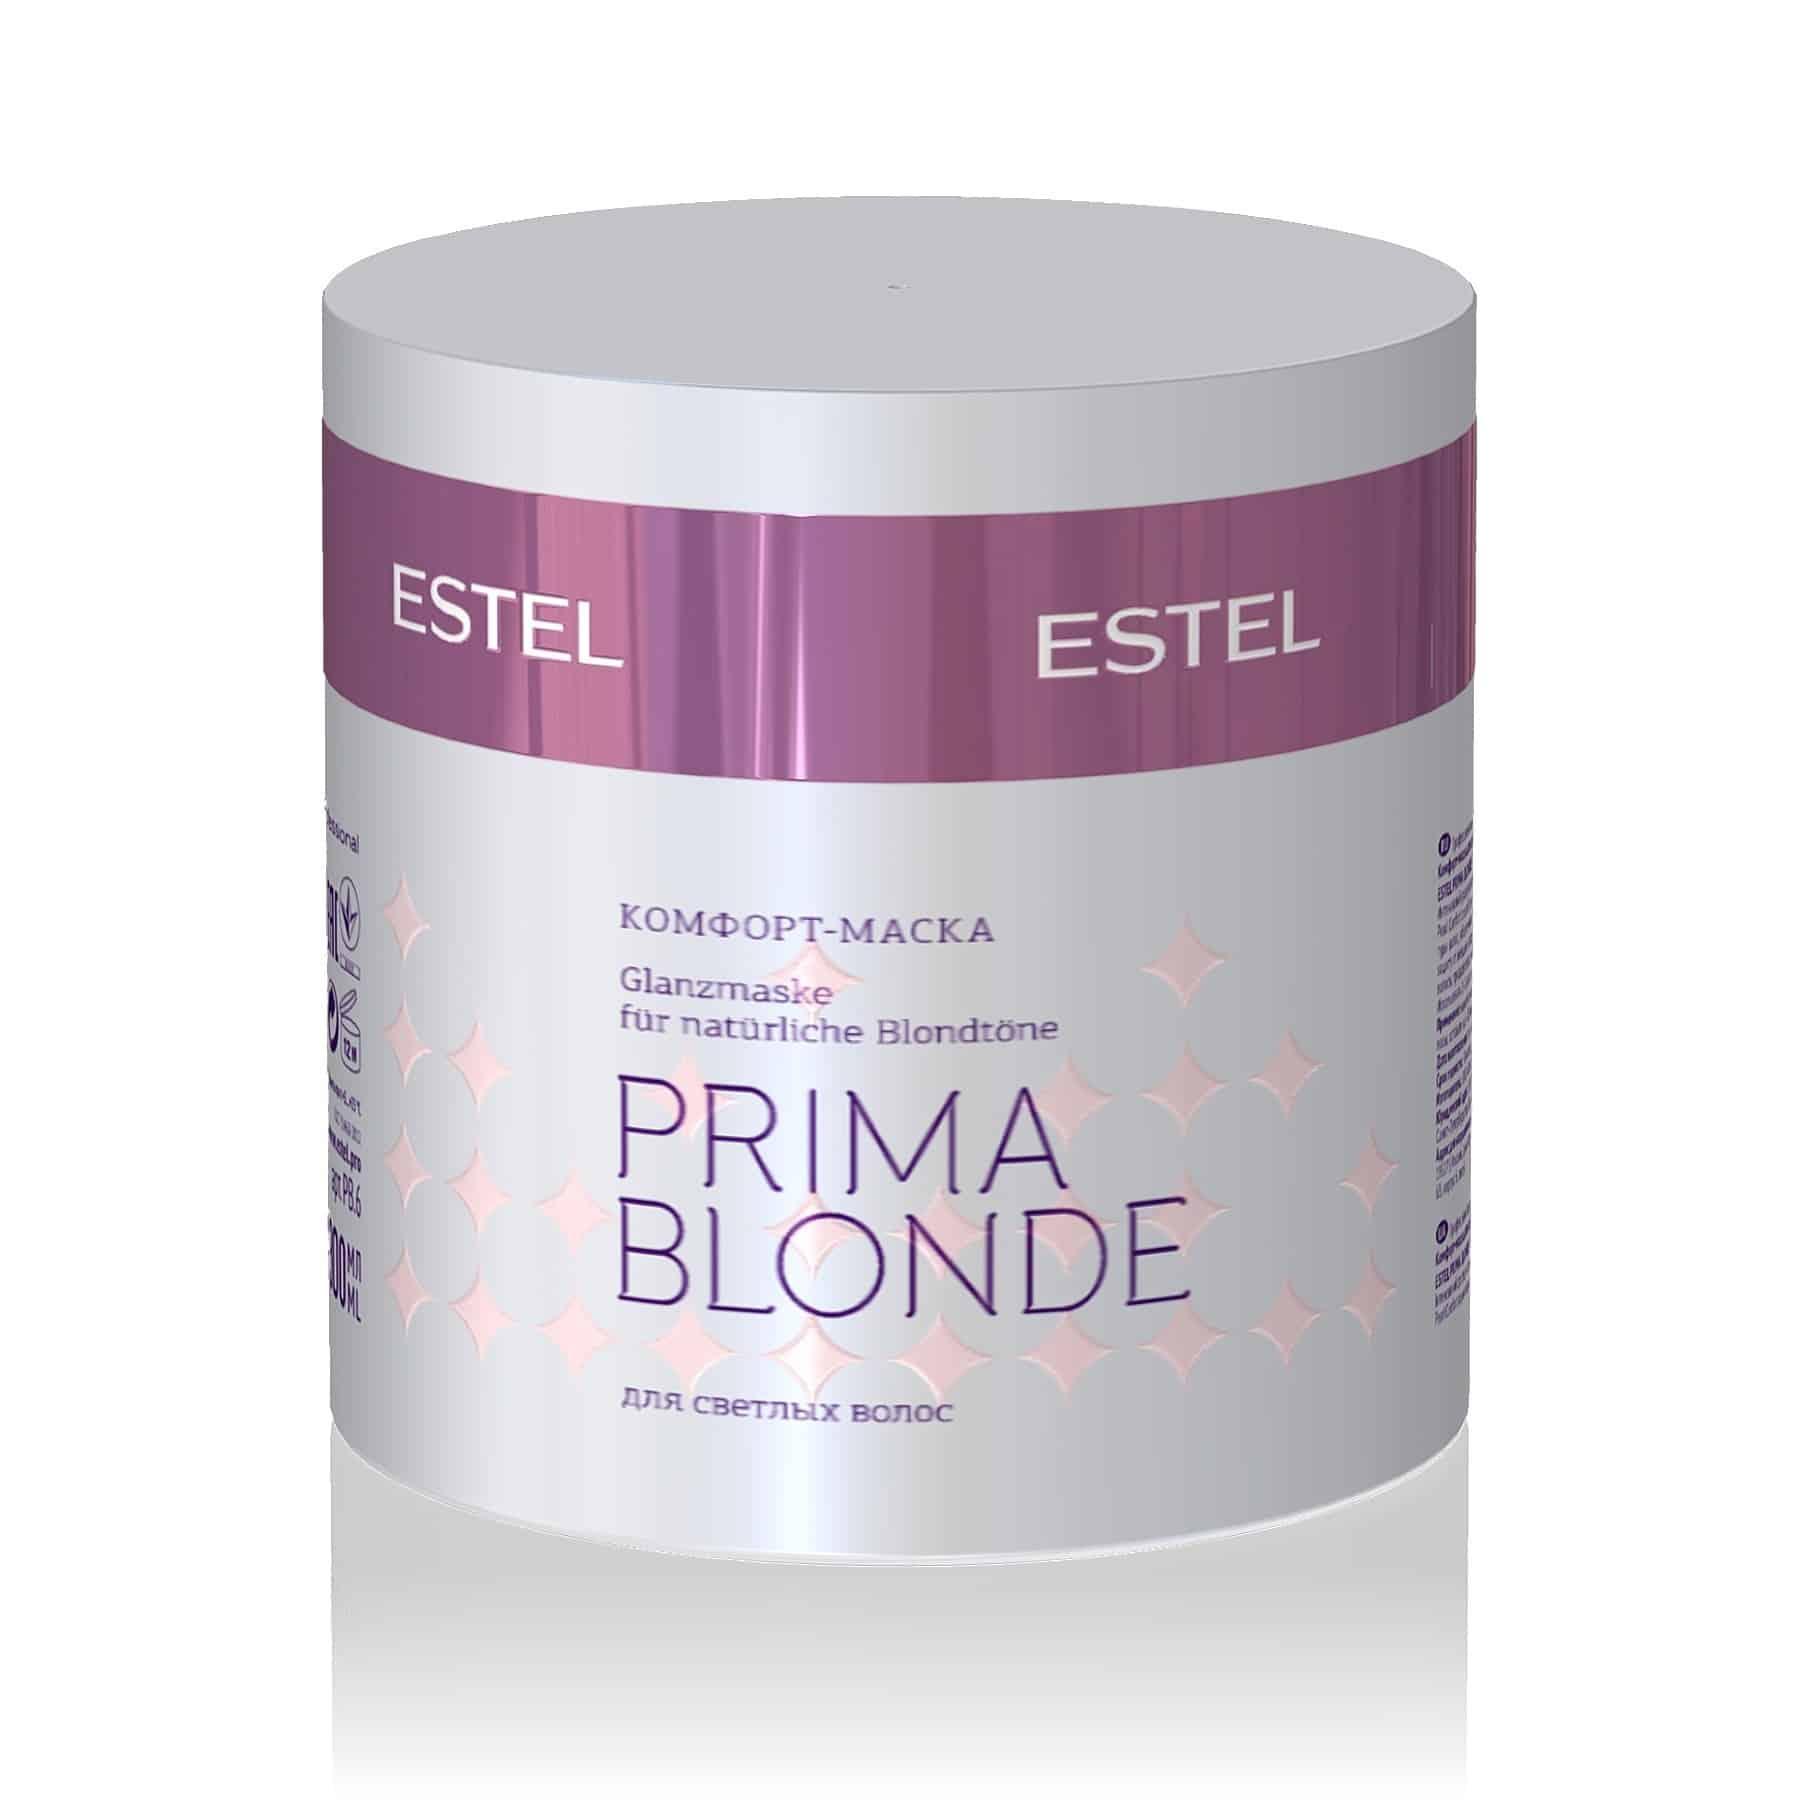 PRIMA BLONDE Glanzmaske für natürliche Blondtöne